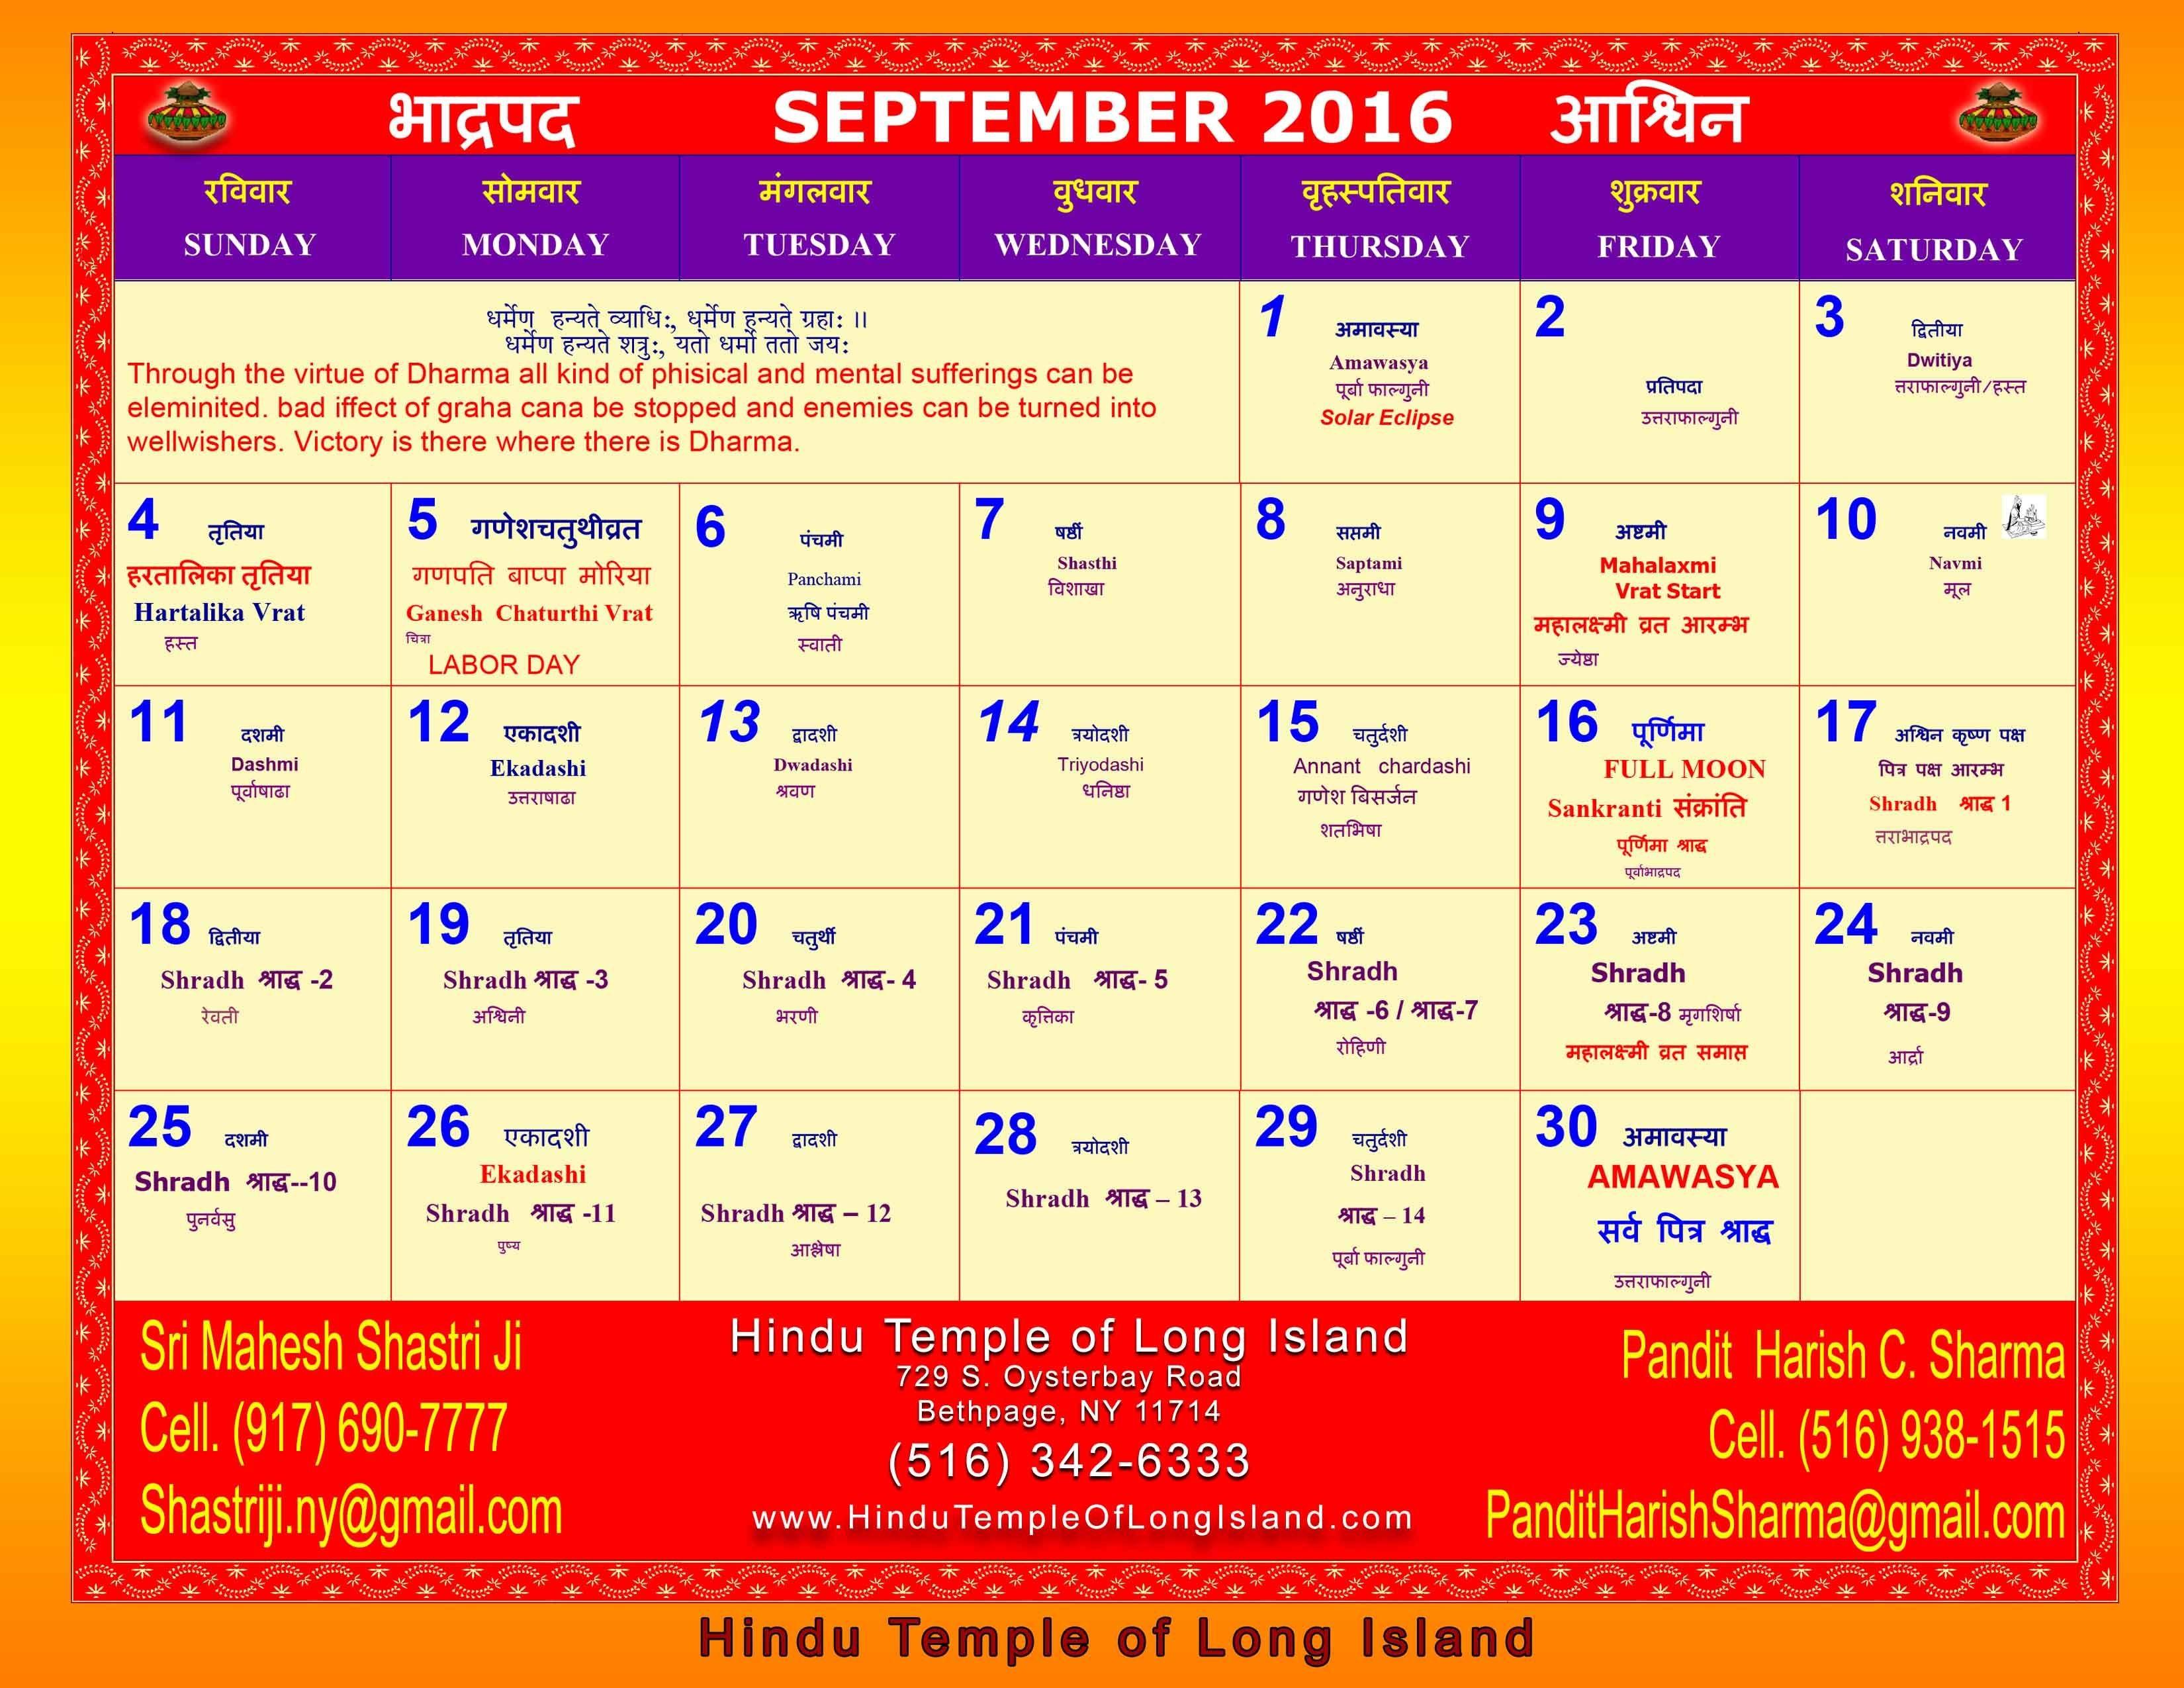 2019 Calendar Philippines Excel Más Actual Angelsapna 93angelsapna On Pinterest Of 2019 Calendar Philippines Excel Más Recientes Best Create Calendar Template Year Calendar Template